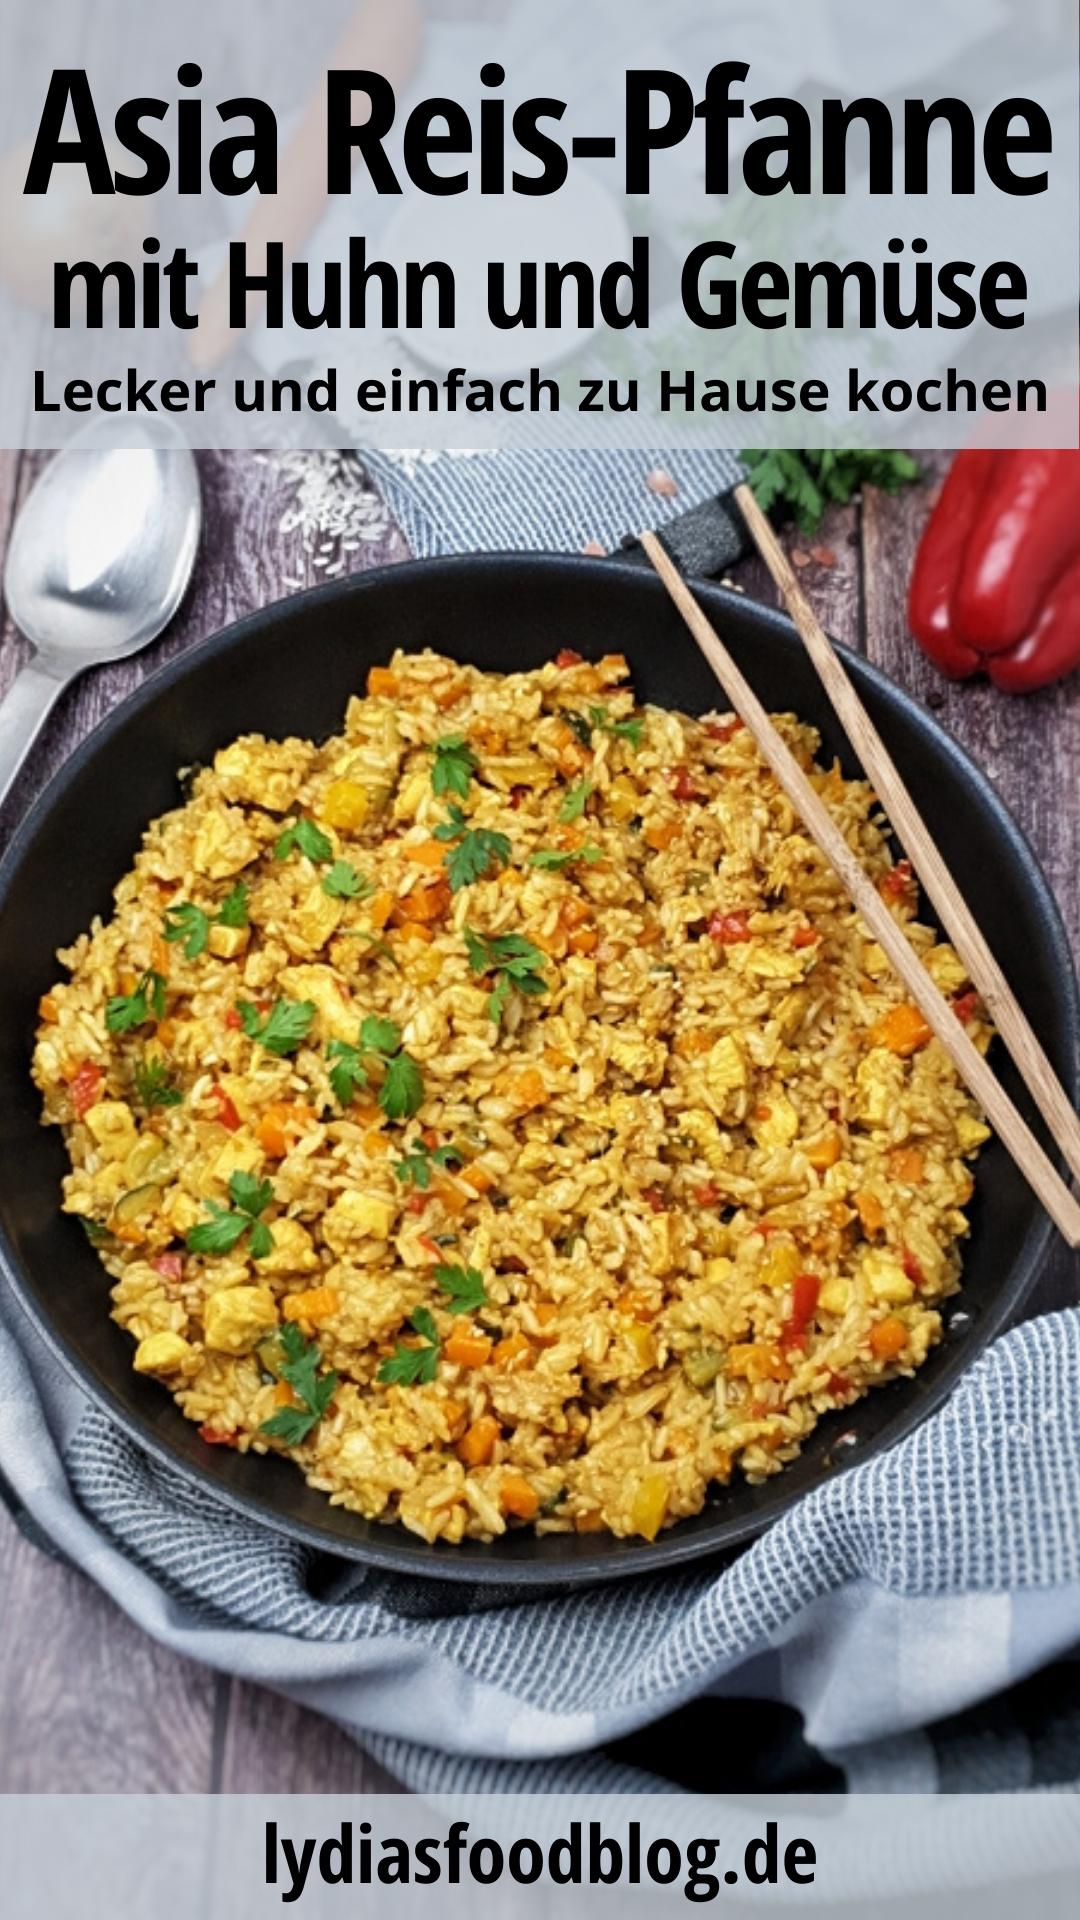 Asiatische Reispfanne mit Gemüse und Huhn, Rezept